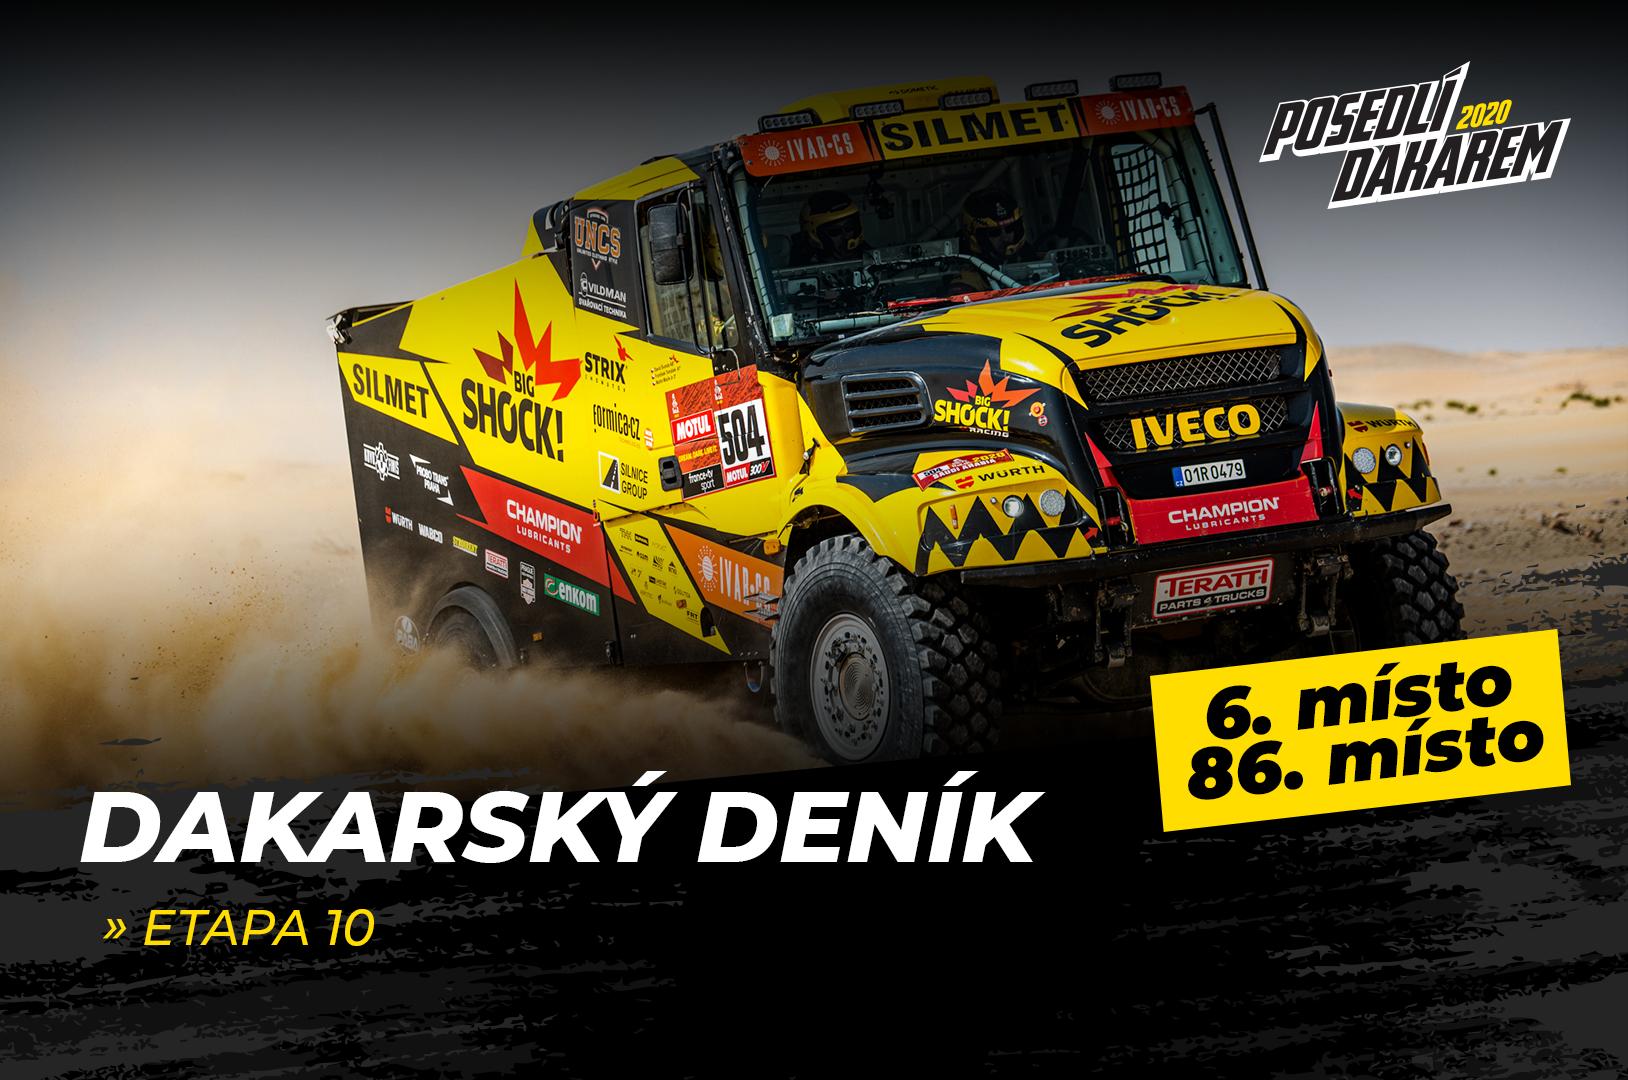 Dakarský deník – 10. etapa – Brabčák si při pádu zlomil řídítka, ale zvládl dojet do bivaku!